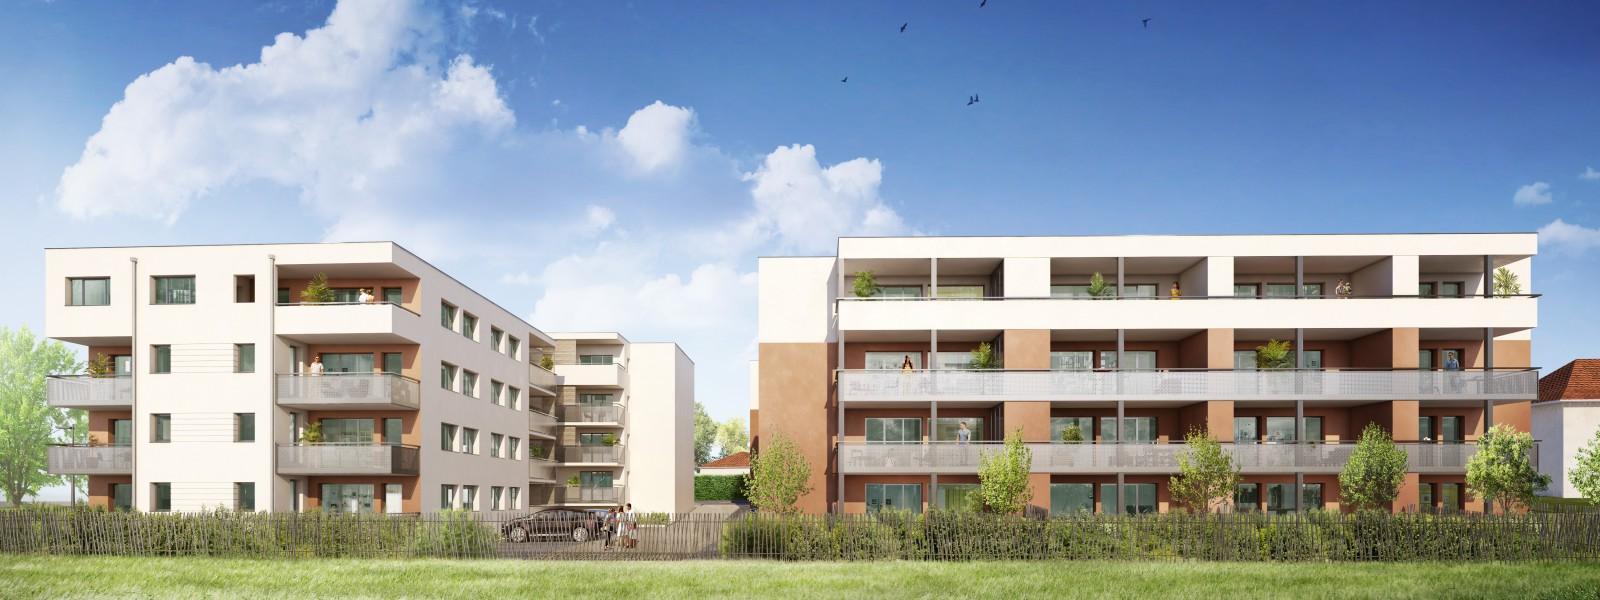 LE PERISSODE - Visuel 2 - Impact immobilier 01